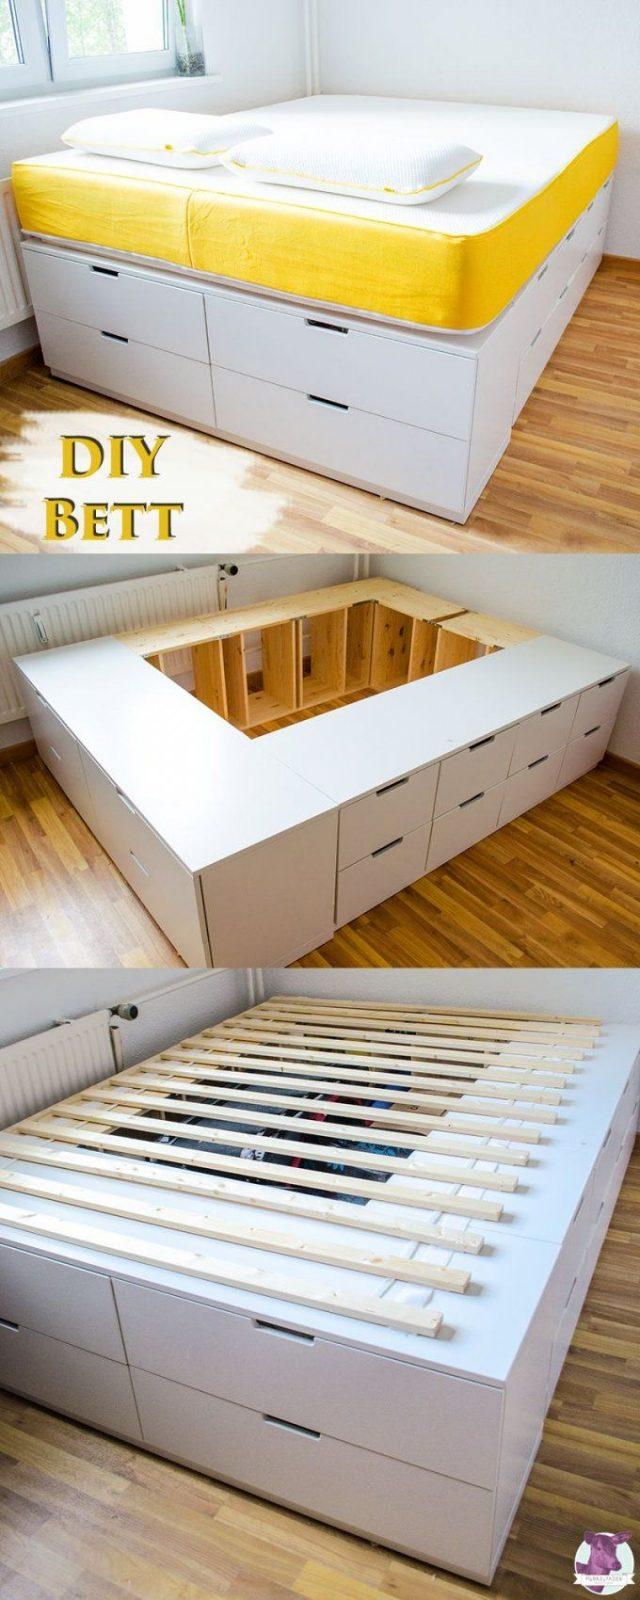 Diy Ikea Hack  Plattformbett Selber Bauen Aus Ikea Kommoden von Bett Aus Ikea Regal Bauen Bild